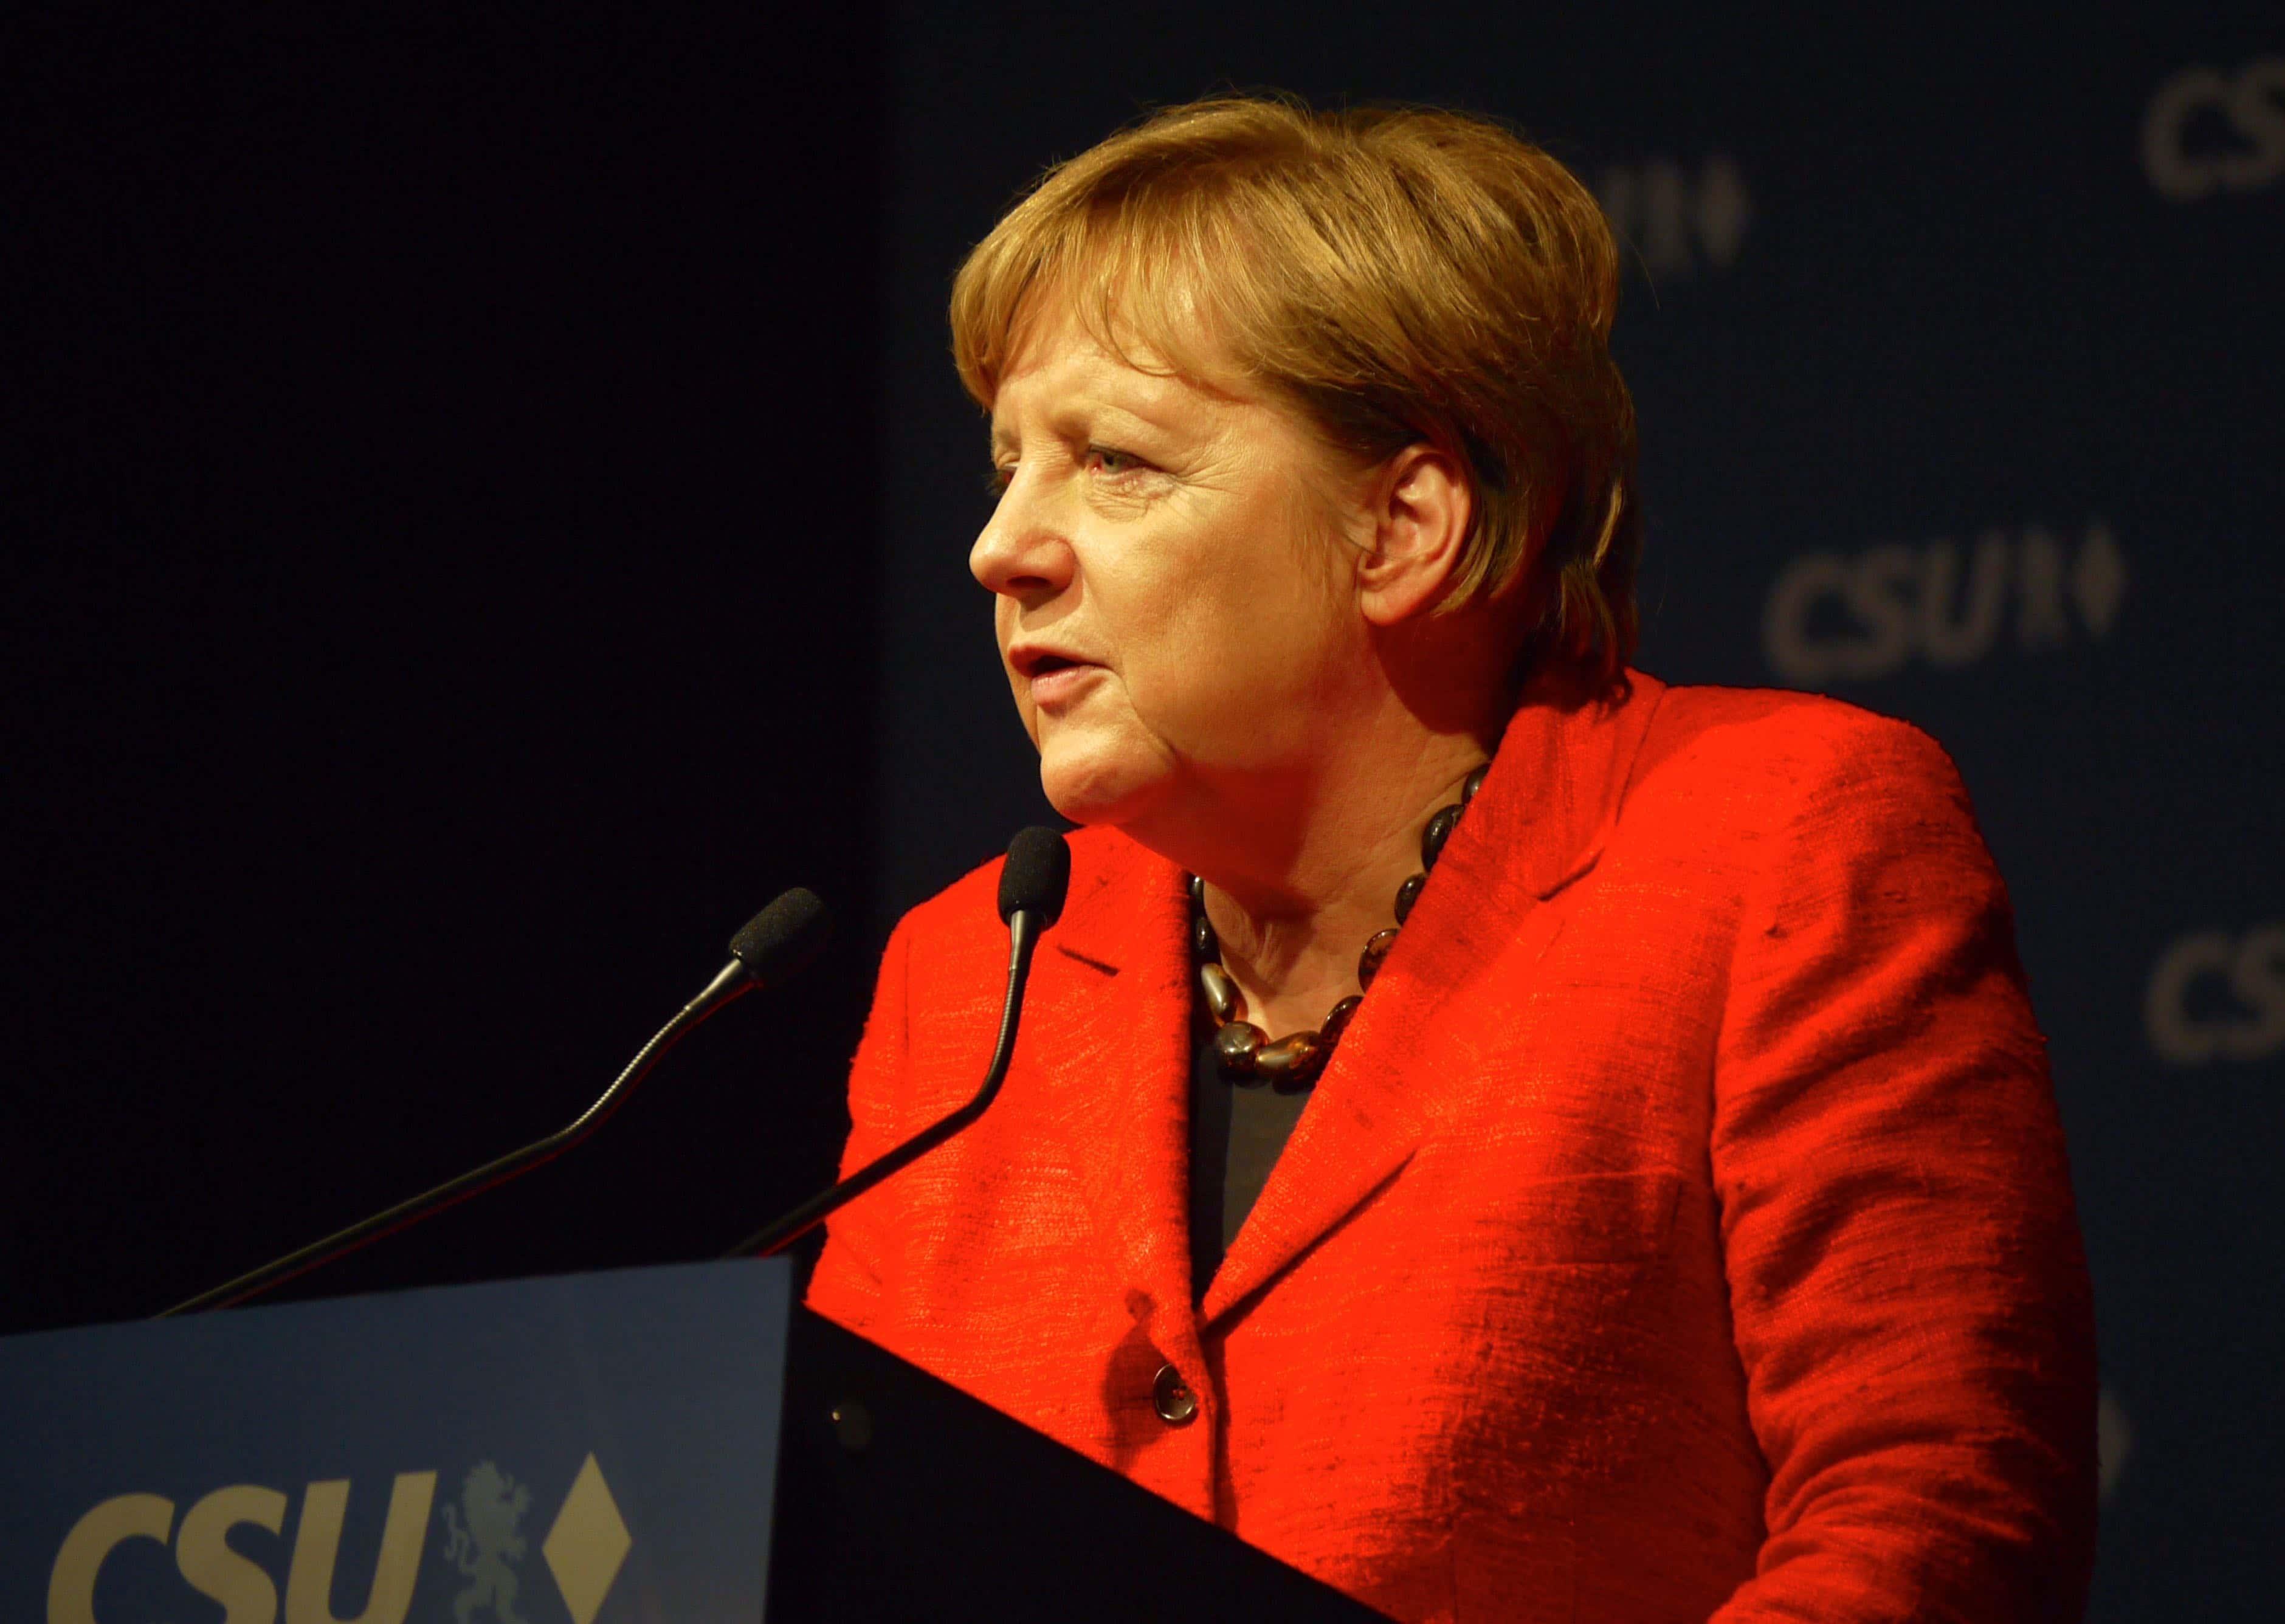 Bundeskanzlerin Angela Merkel ist mit Jamaika gescheitert.  (c) DAZ